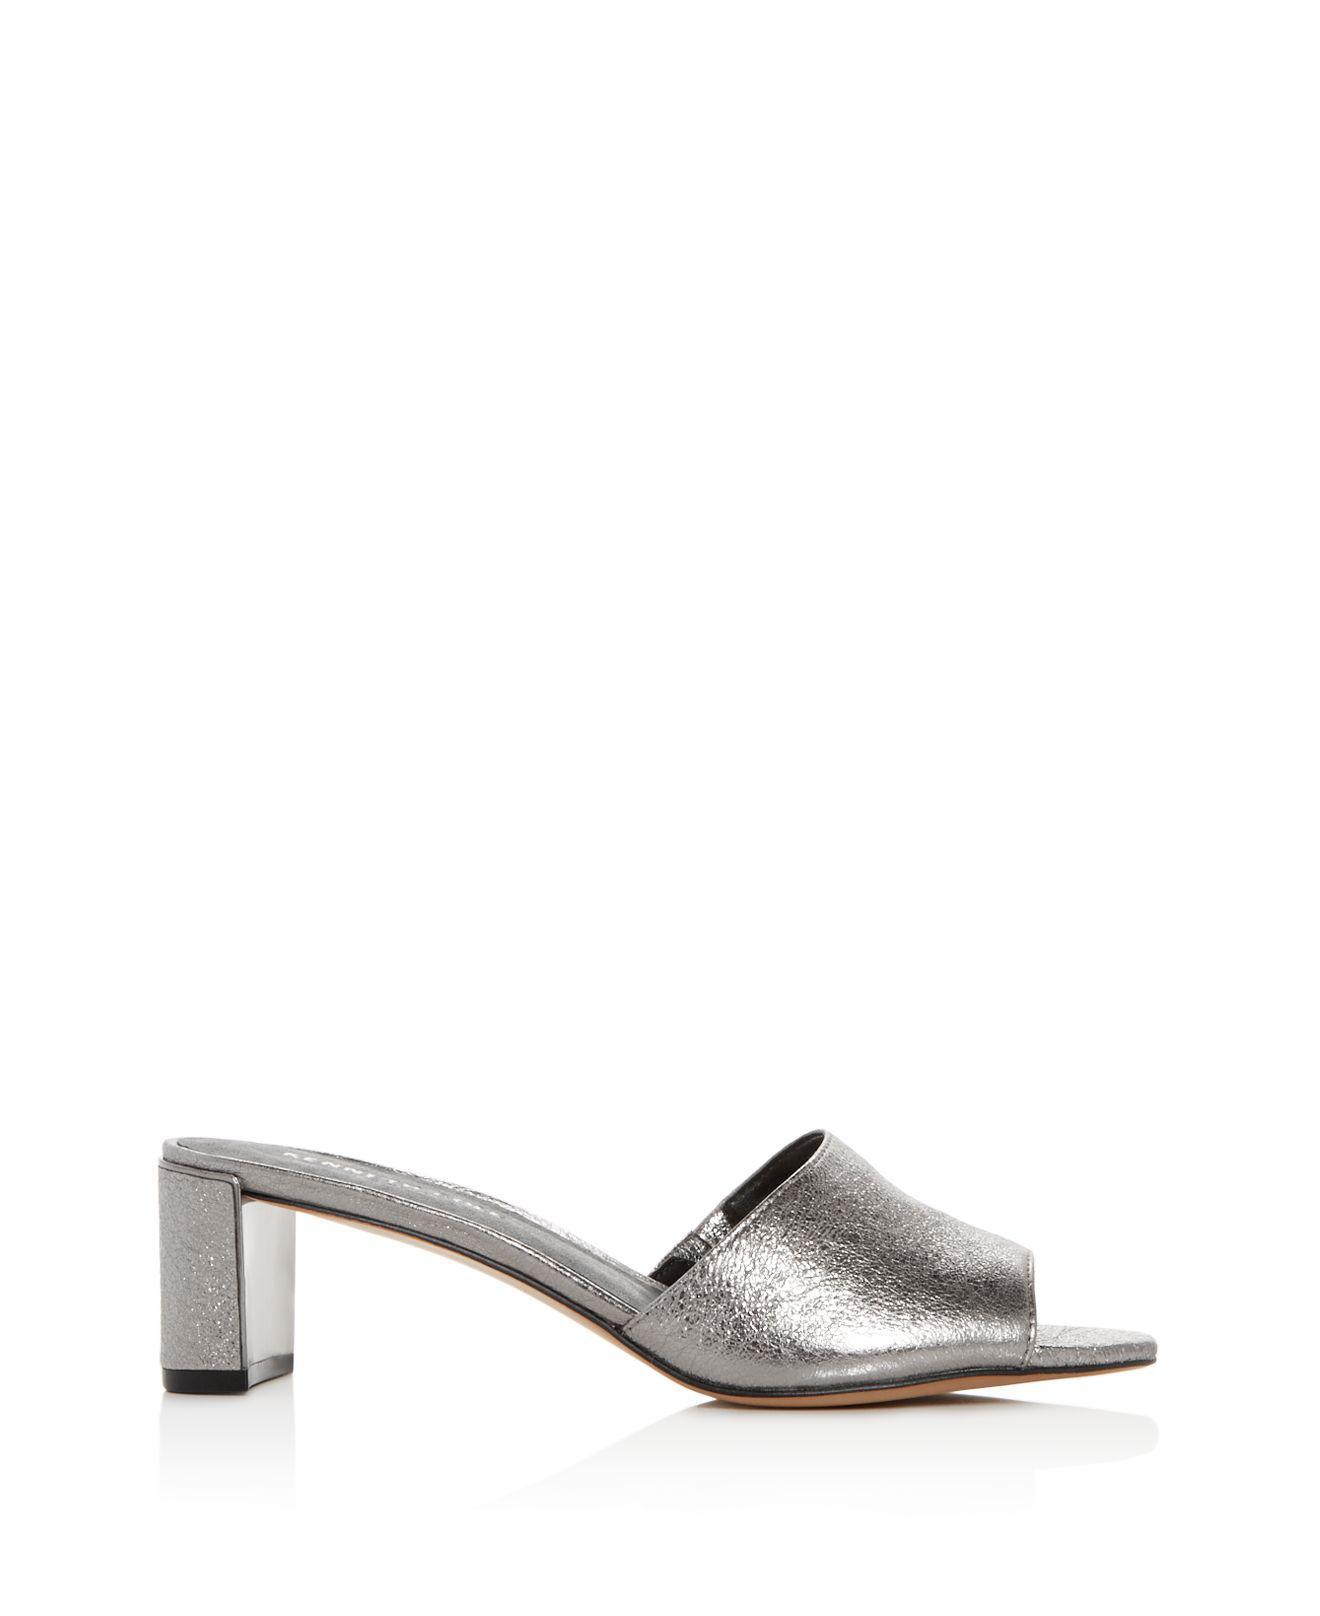 Kenneth Cole Women's Nash Studded Leather Mid-Heel Slide Sandals jdVPVedK